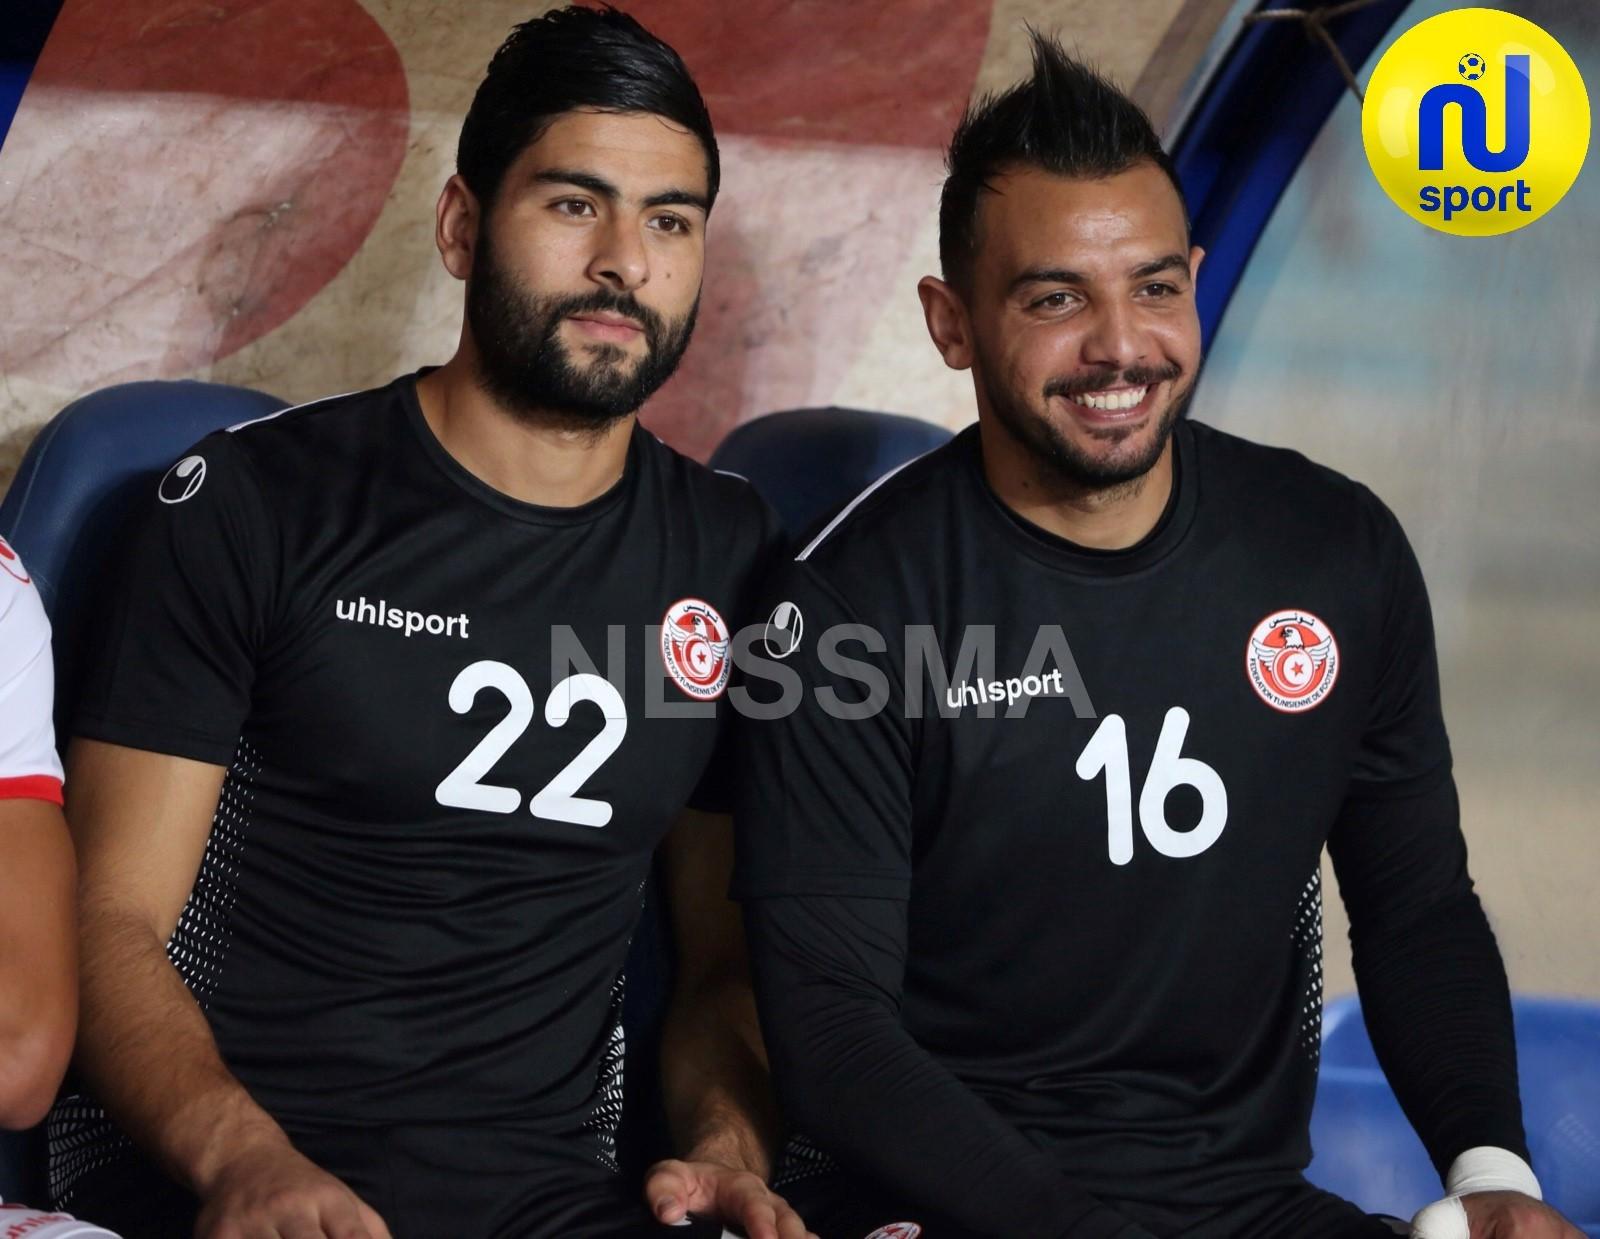 صور الشوط الأول من مباراة المنتخب الوطني التونسي و المنتخب النيجر